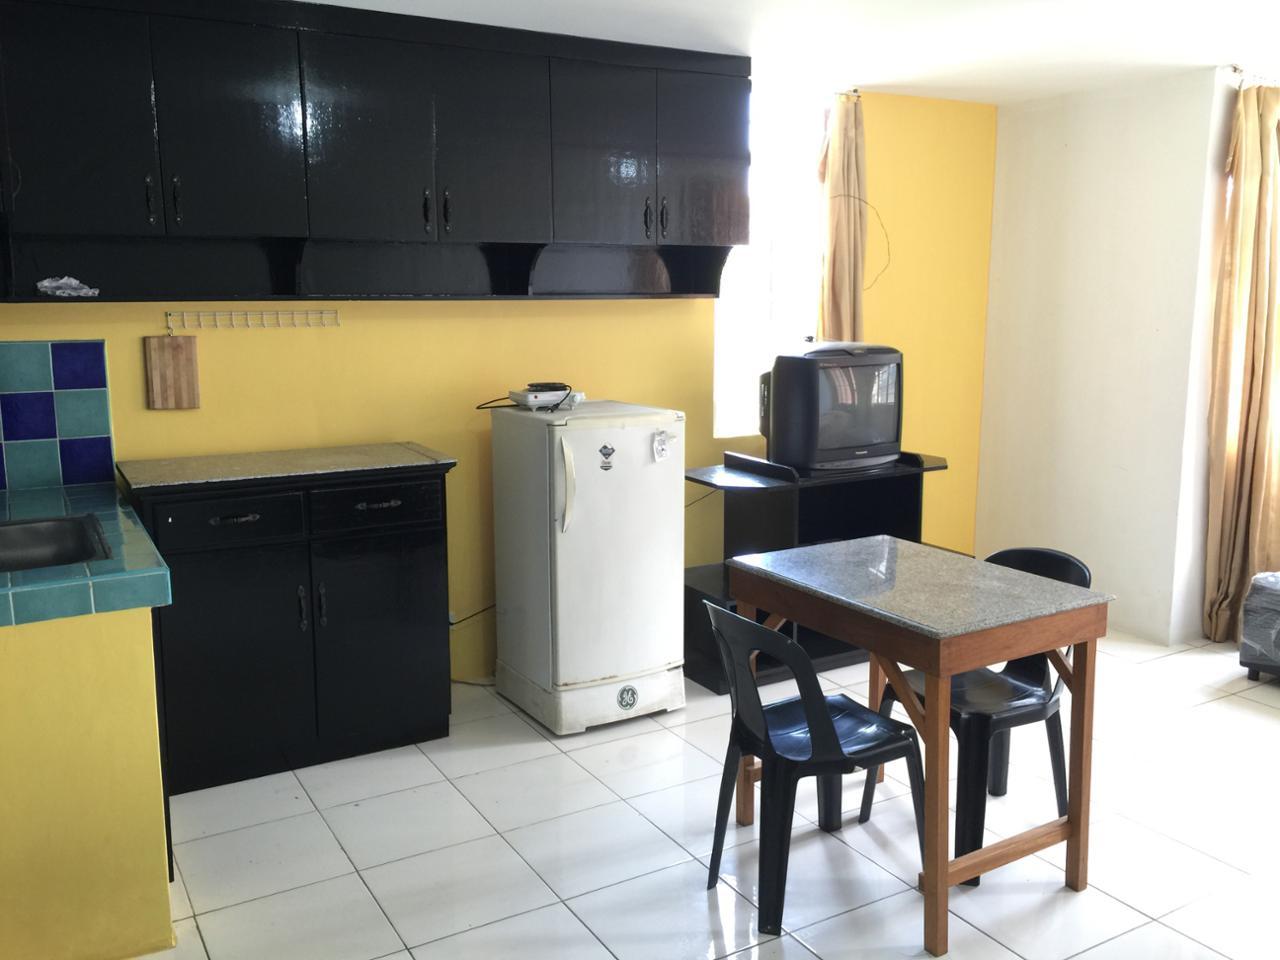 Condominium For Rent in Unit 9122 Sunny Villas Condominium, Fairview Quezon City, Fairview, Metro Manila